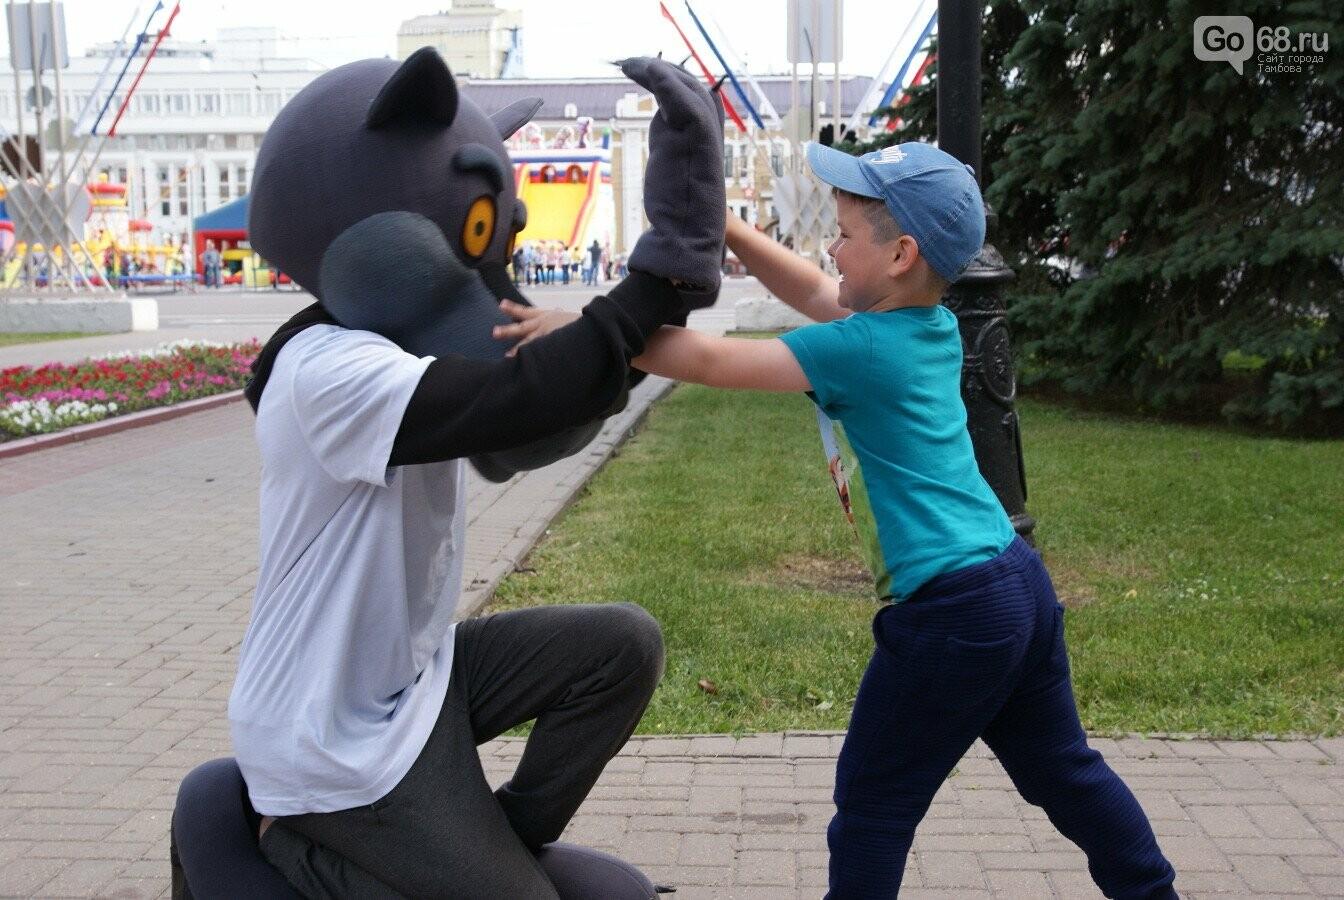 В День города тамбовский волк и портал Go68 вышли на фотоохоту, фото-1